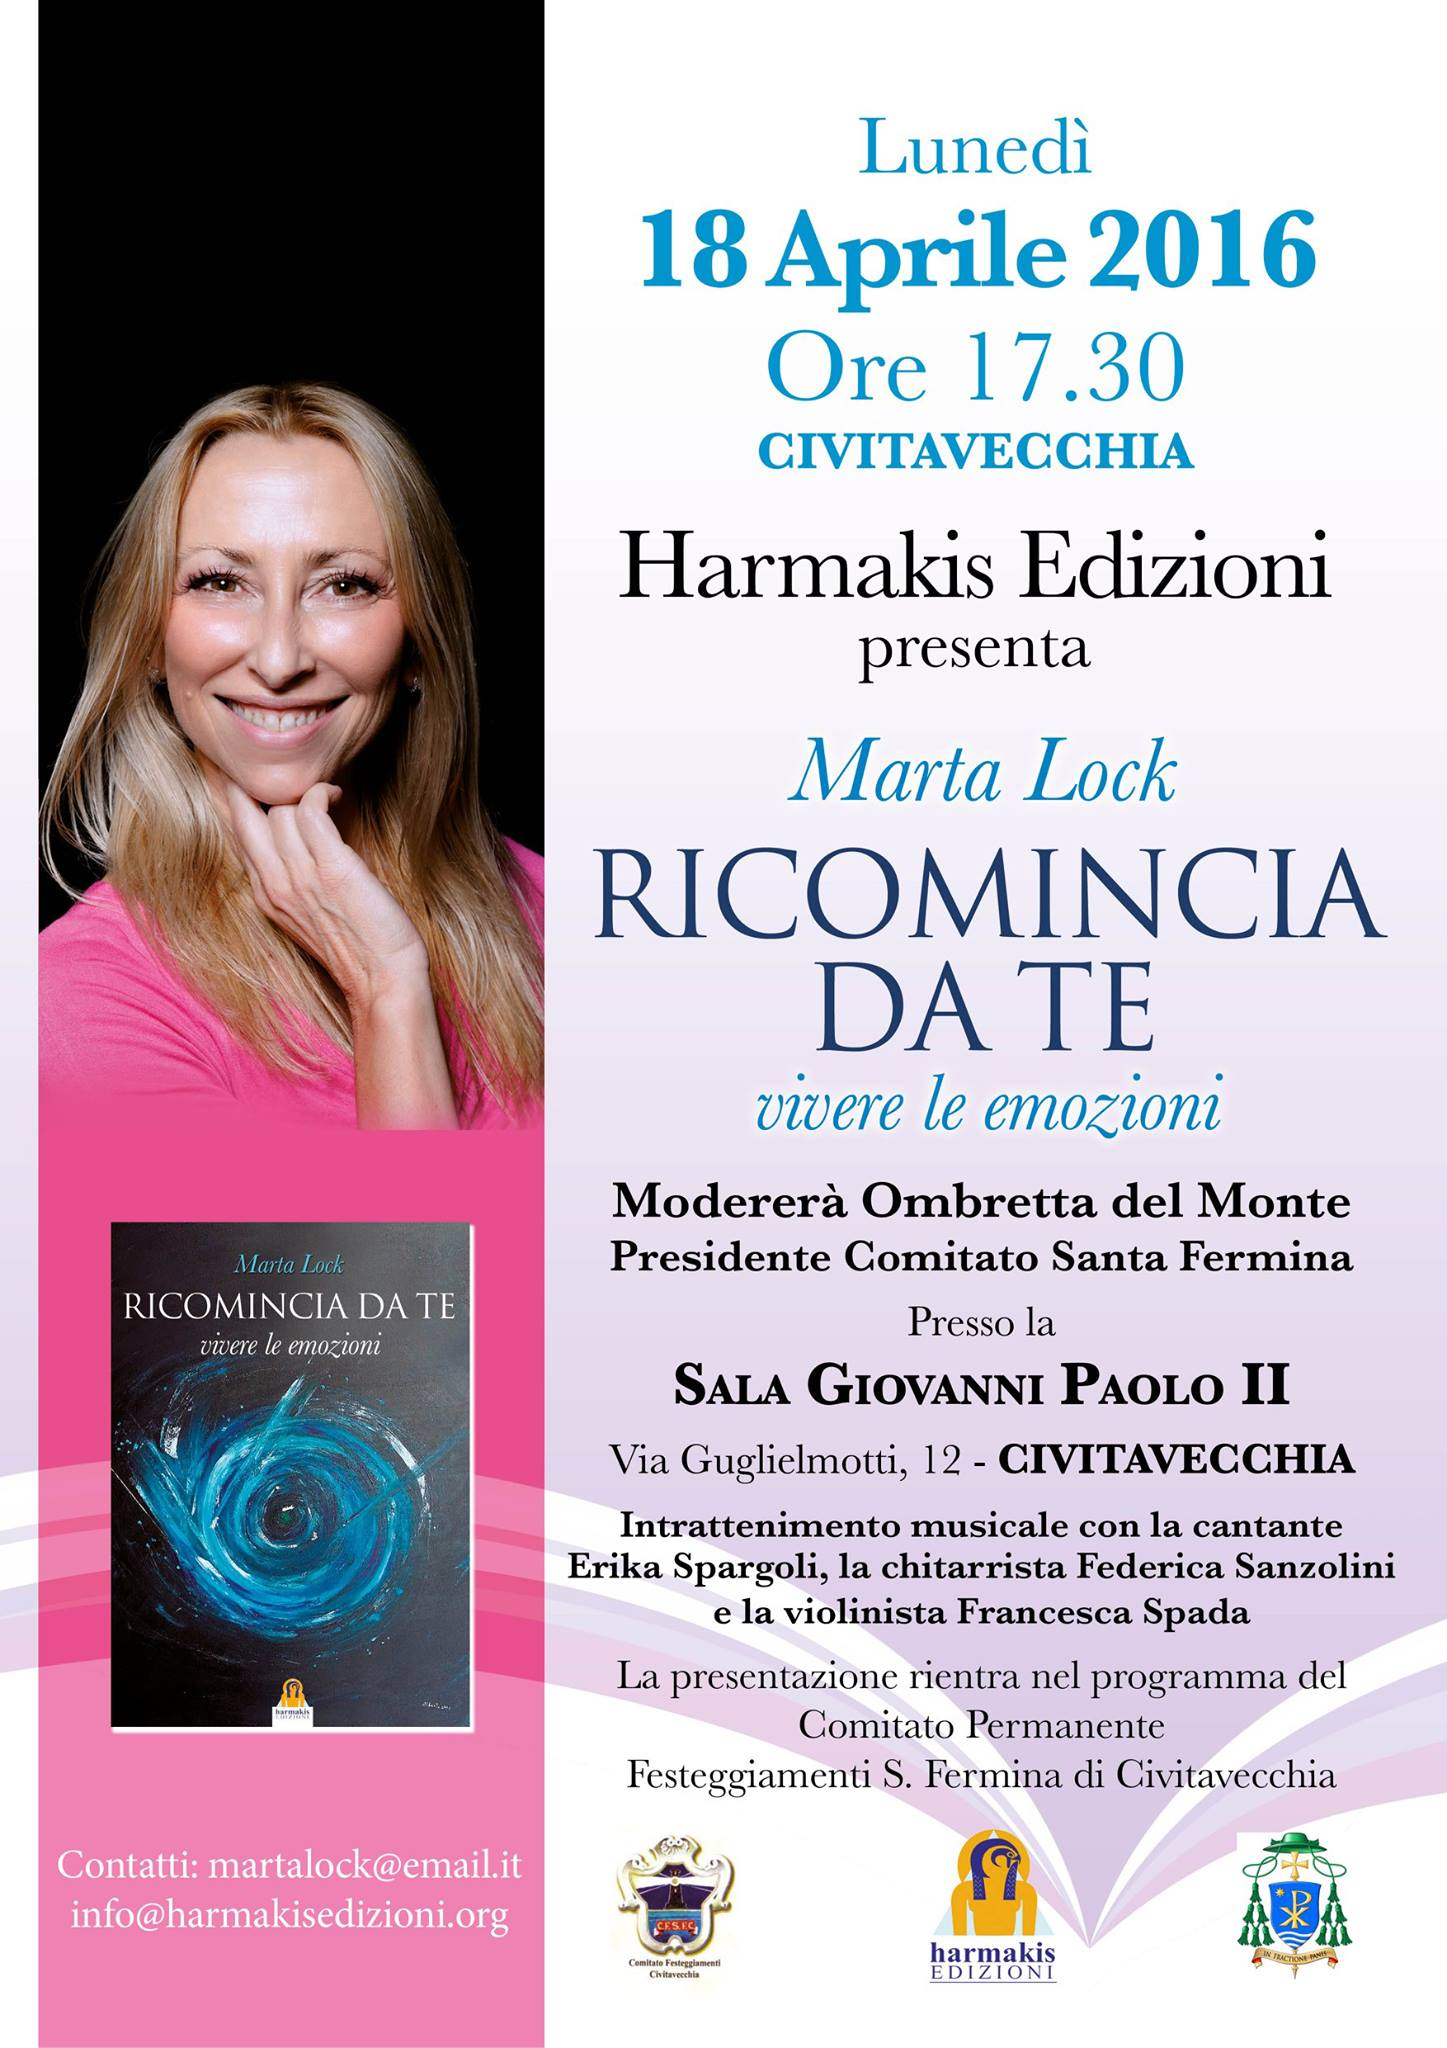 """Civitavecchia, il 18 aprile la presentazione di """"Ricomincia da te"""" di Marta Lock"""